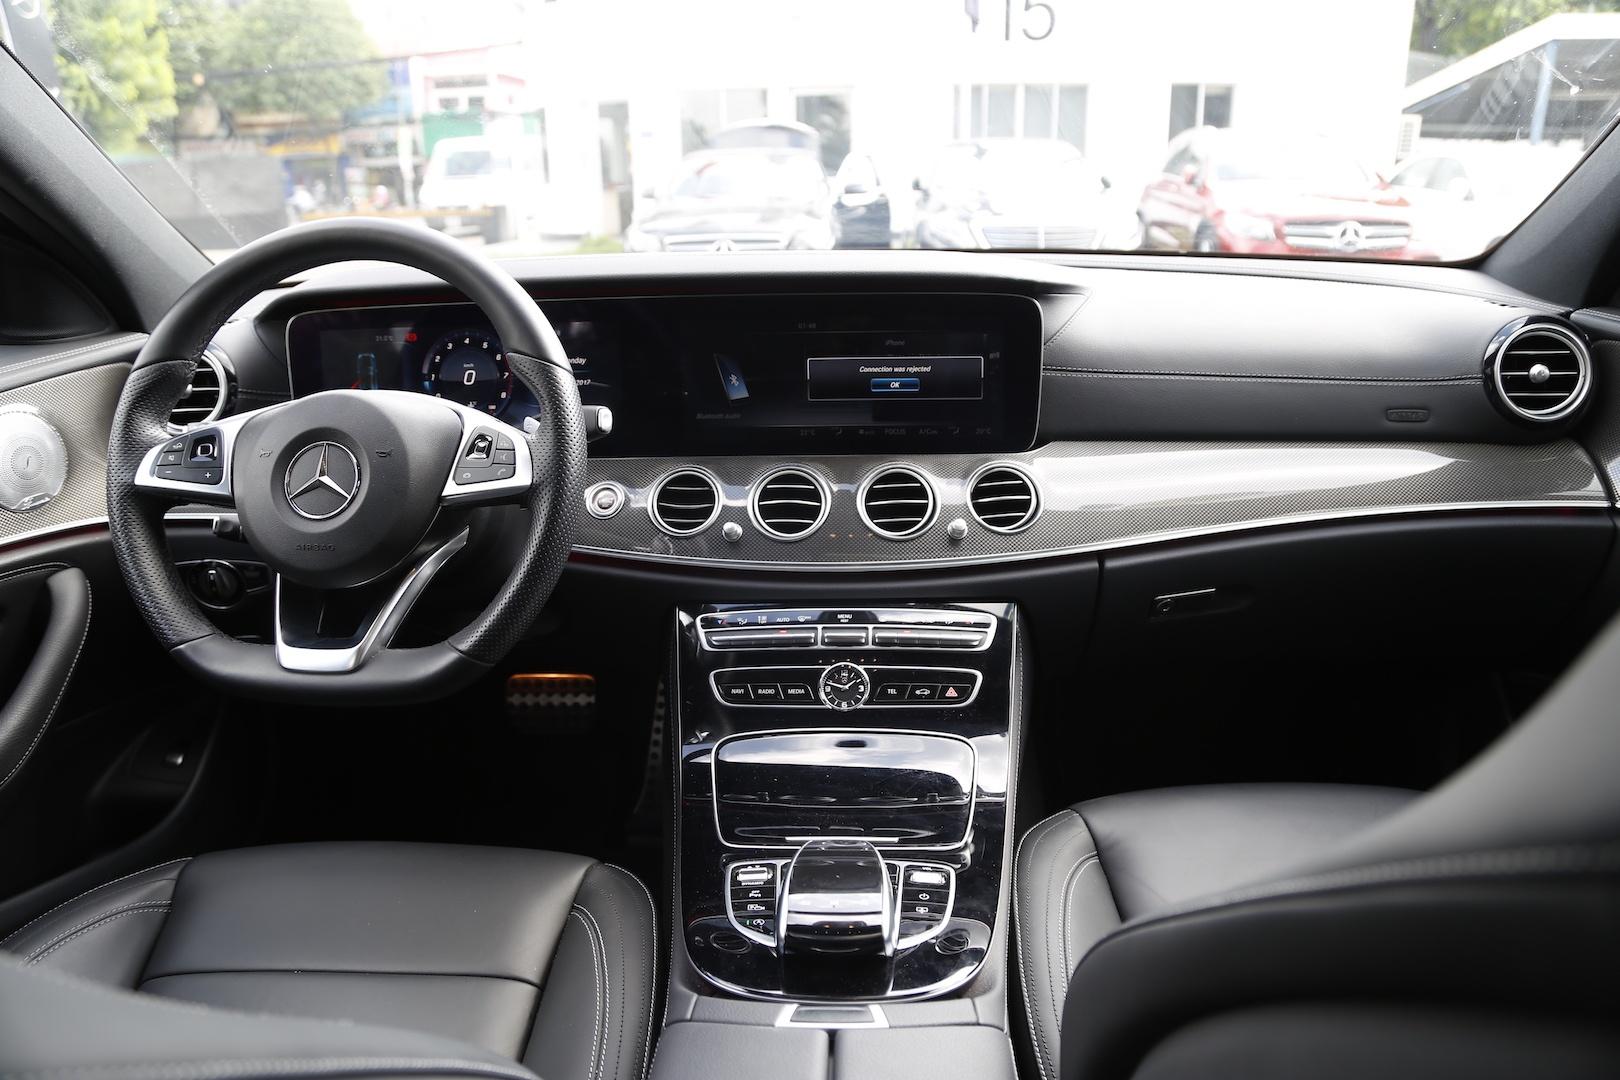 Mercedes E300 AMG - sedan hang sang gia 3 ty dong tai Viet Nam hinh anh 12